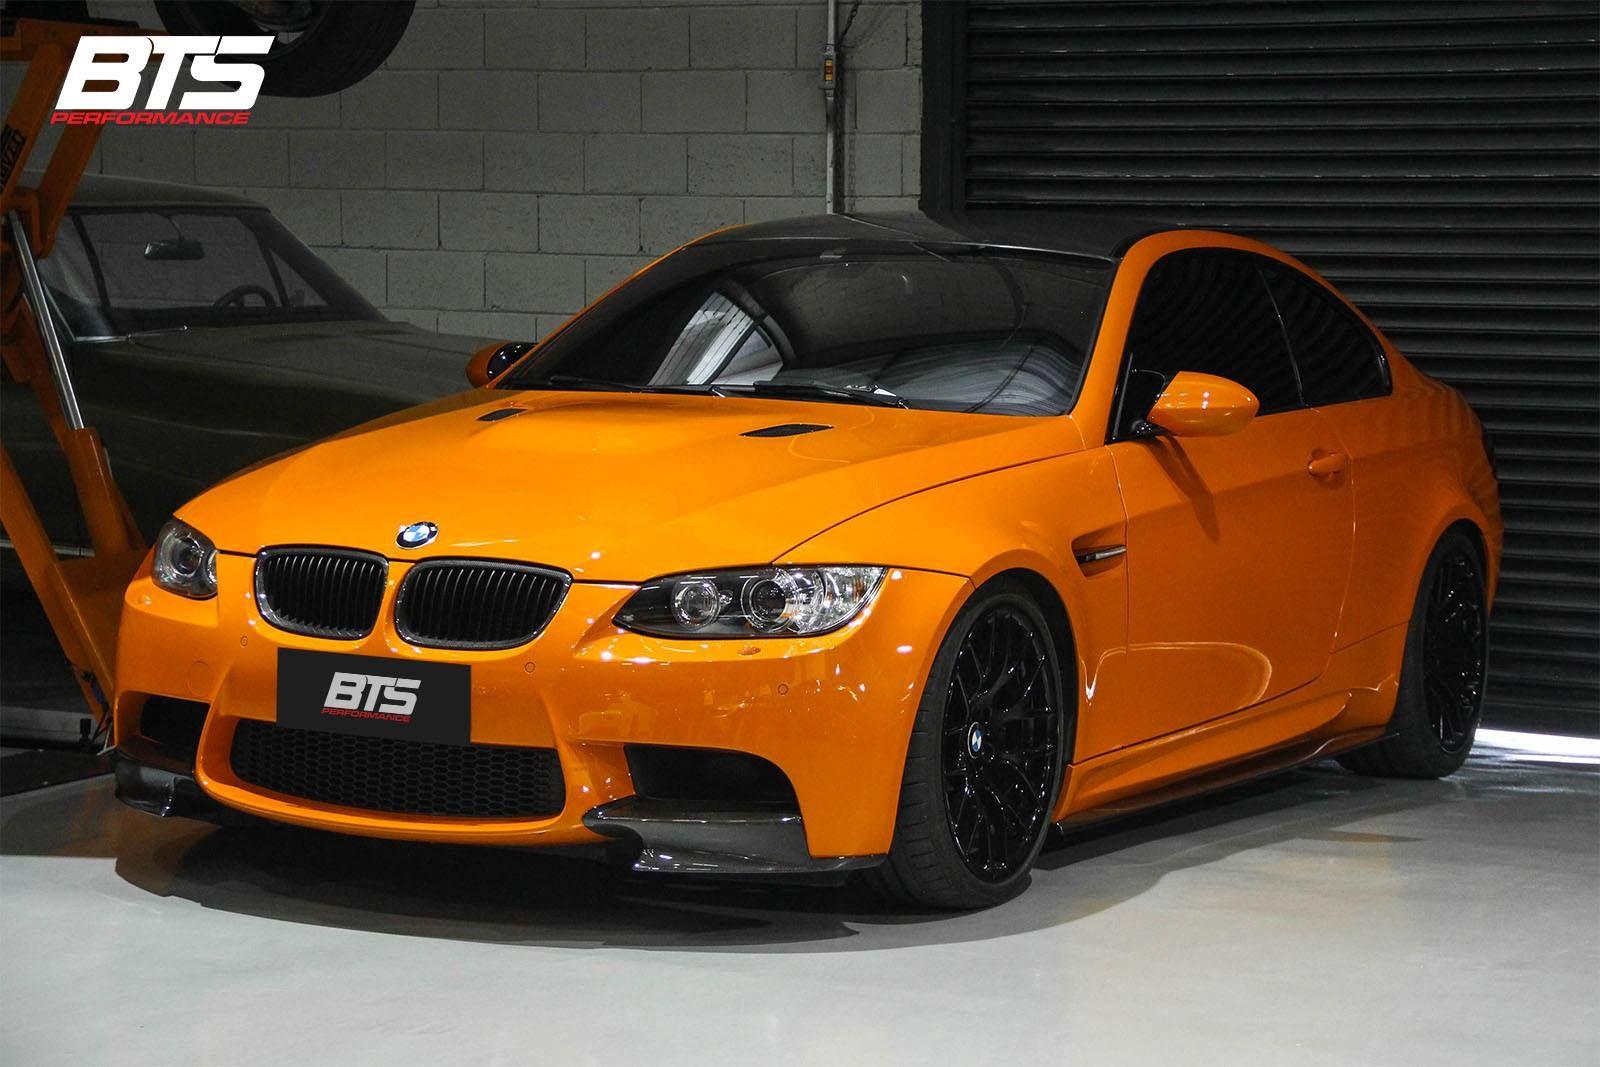 Wonderful BMW M3 E92 Fire Orange Equipado Com Supercharger VF, Elevando A Potência  Para 650 Hp